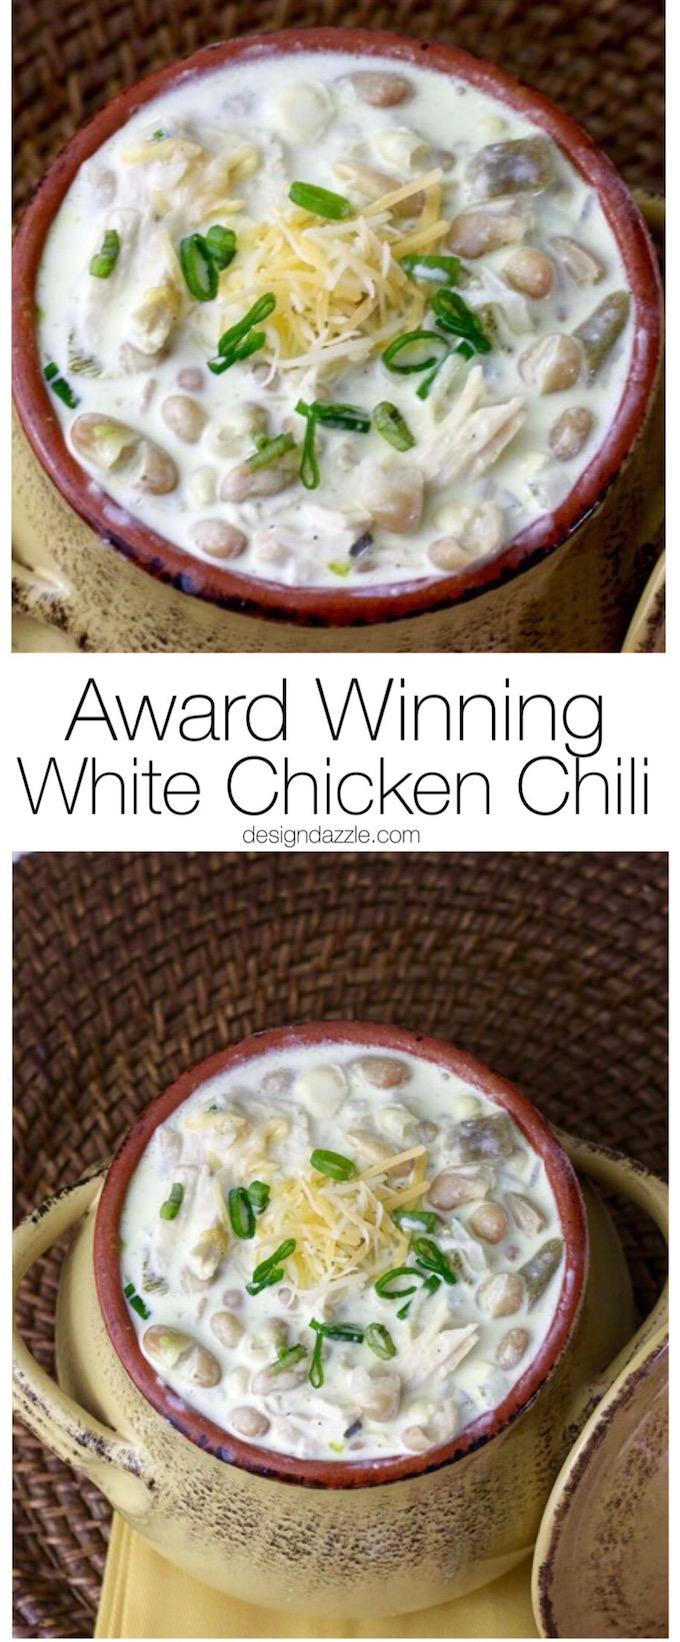 Award Winning Creamy and Delicious White Chicken Chili | Design Dazzle